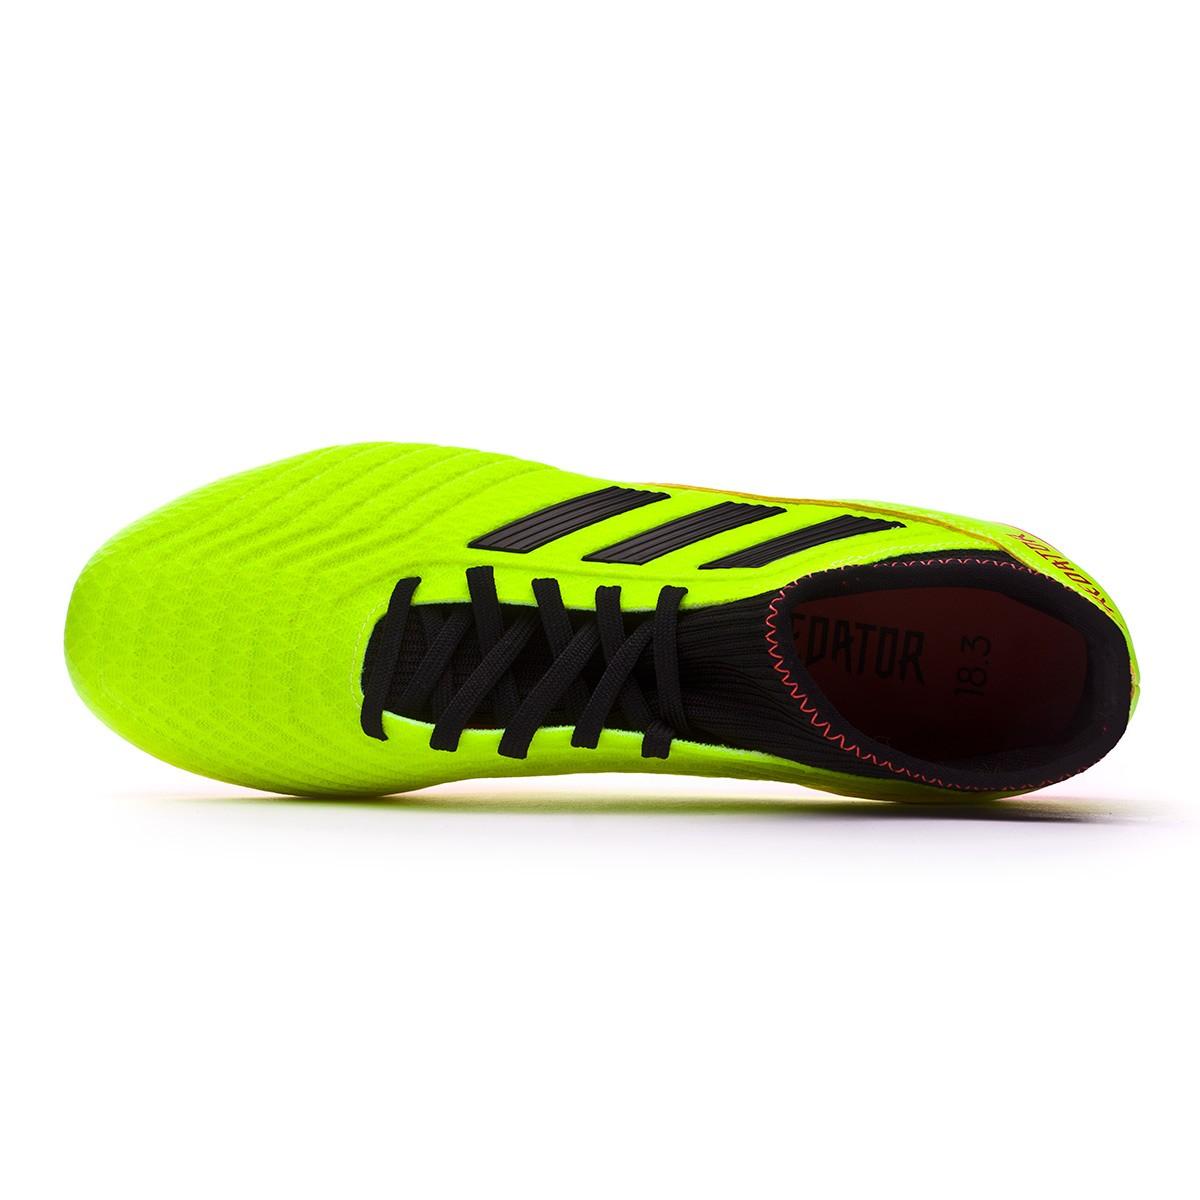 10f1ea3af253 Football Boots adidas Predator 18.3 FG Solar yellow-Black-Solar red -  Tienda de fútbol Fútbol Emotion